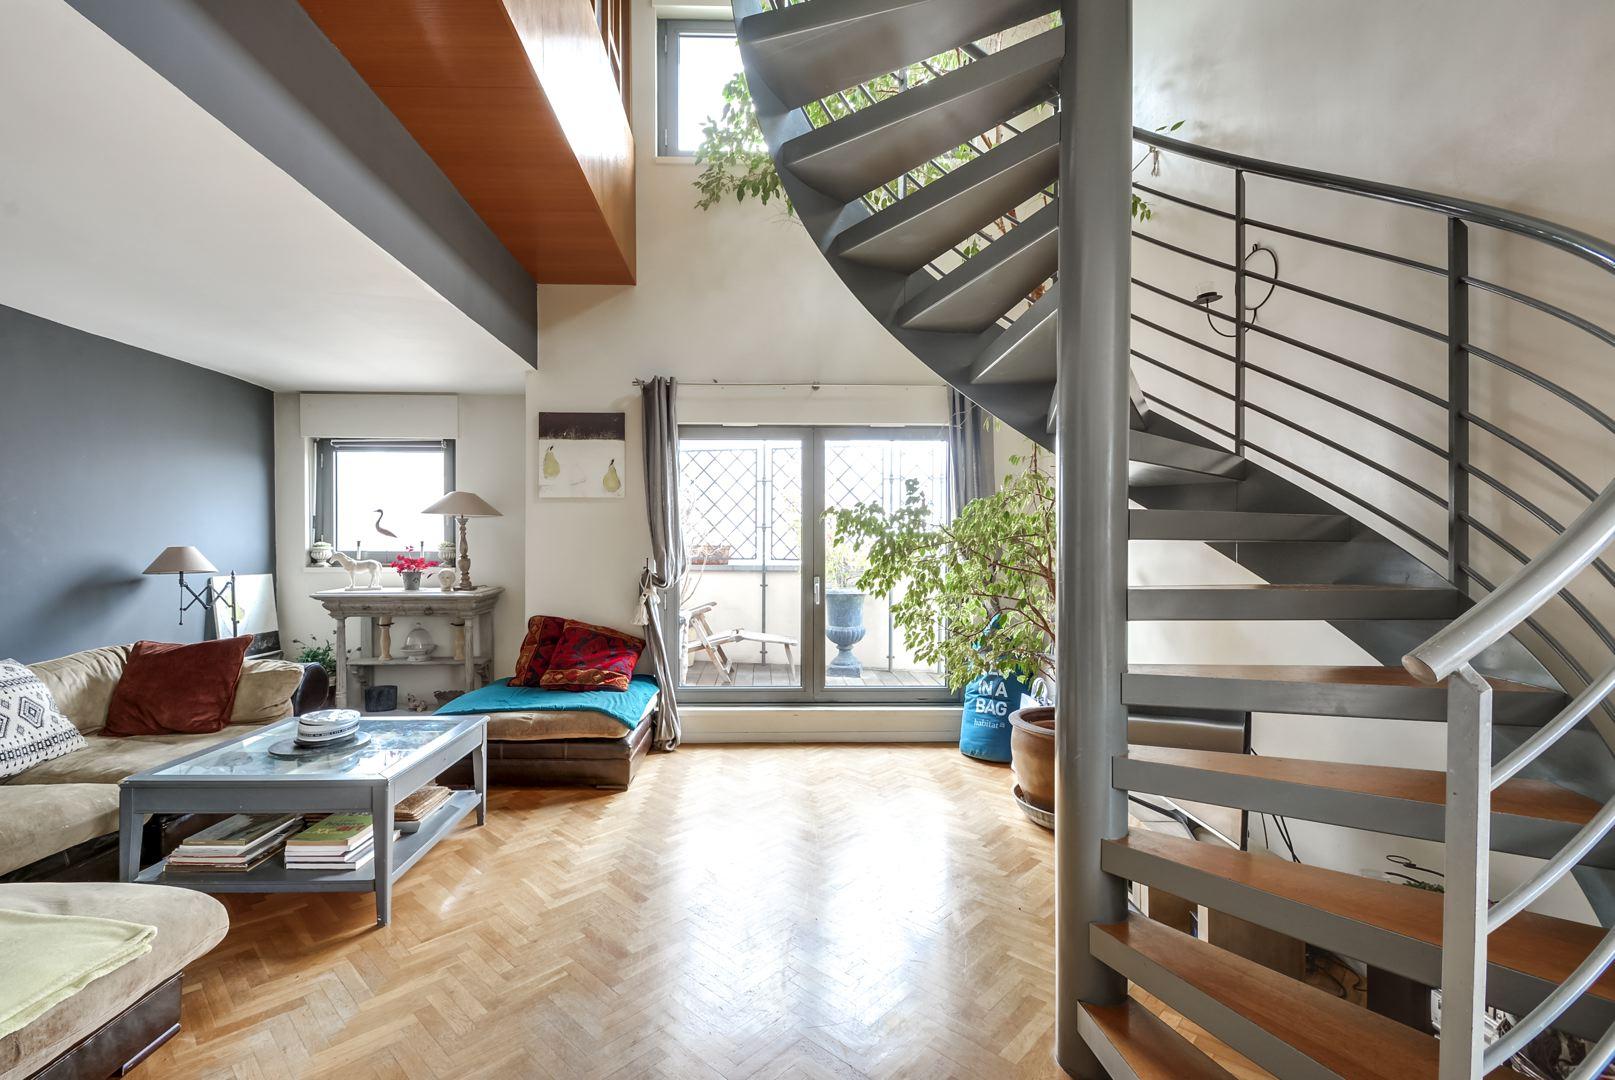 Dernier etage paris esc